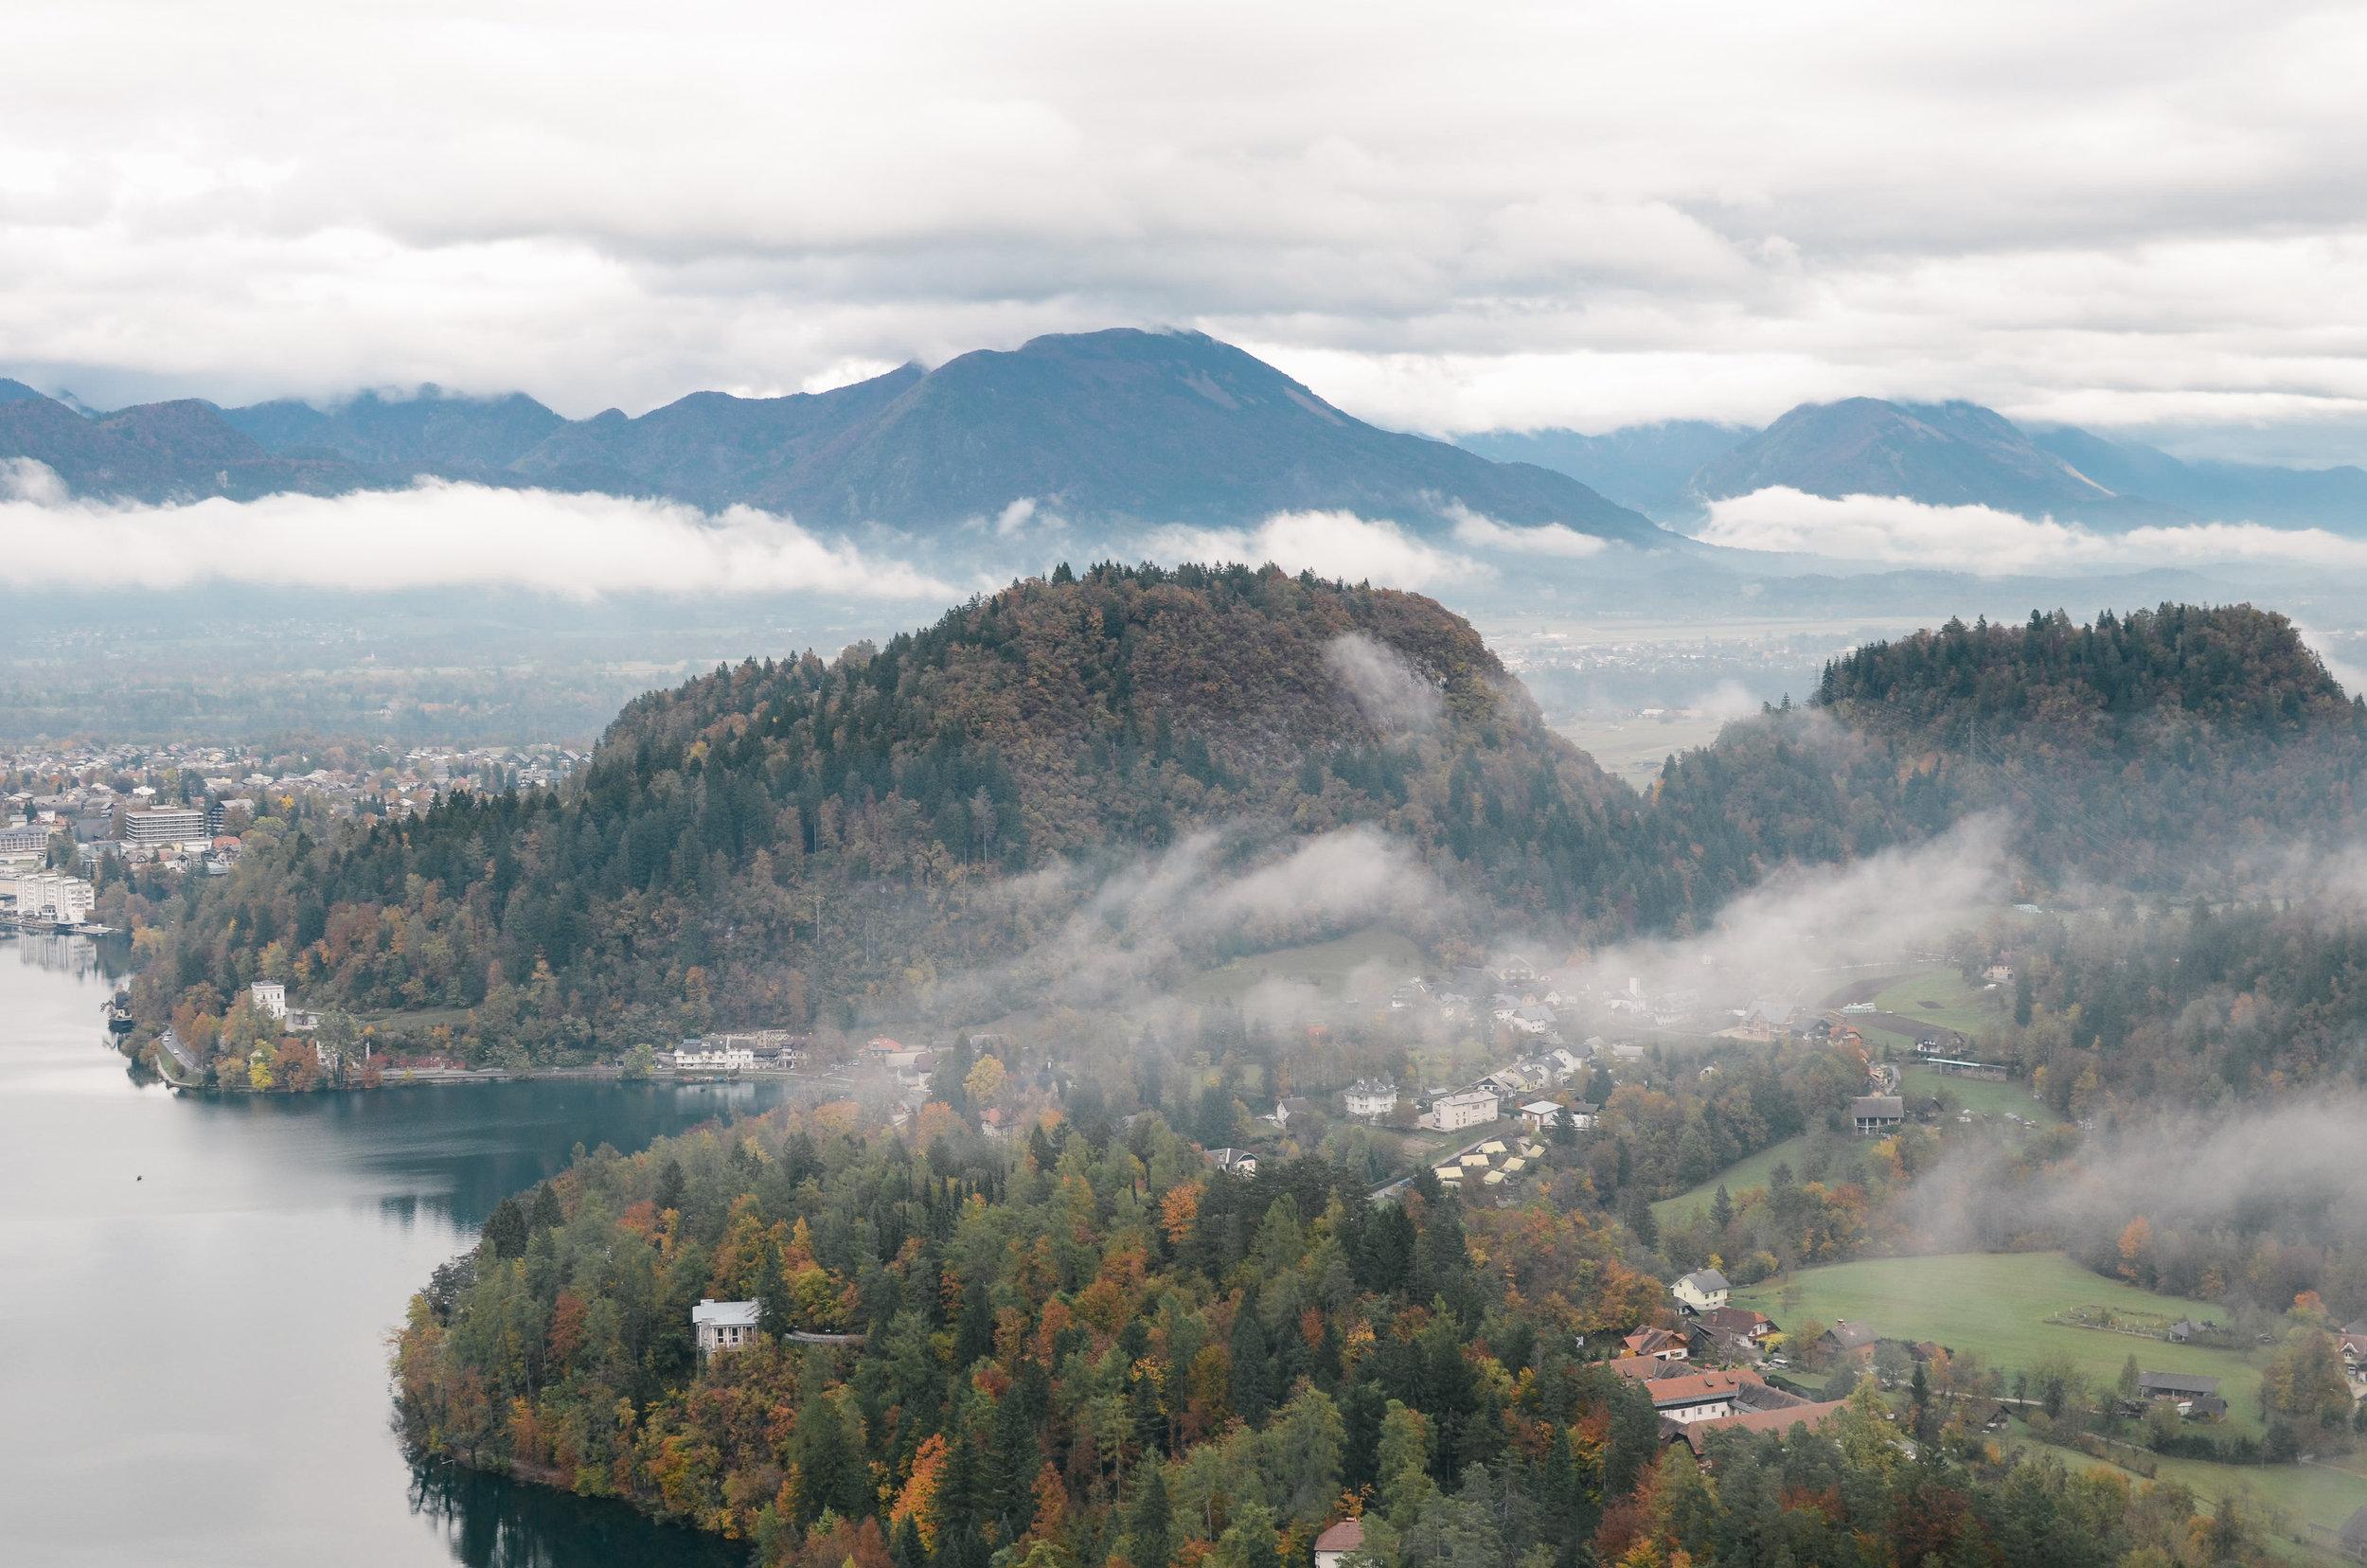 lake-bled-slovenia-travel-guide-lifeonpine_DSC_1571.jpg